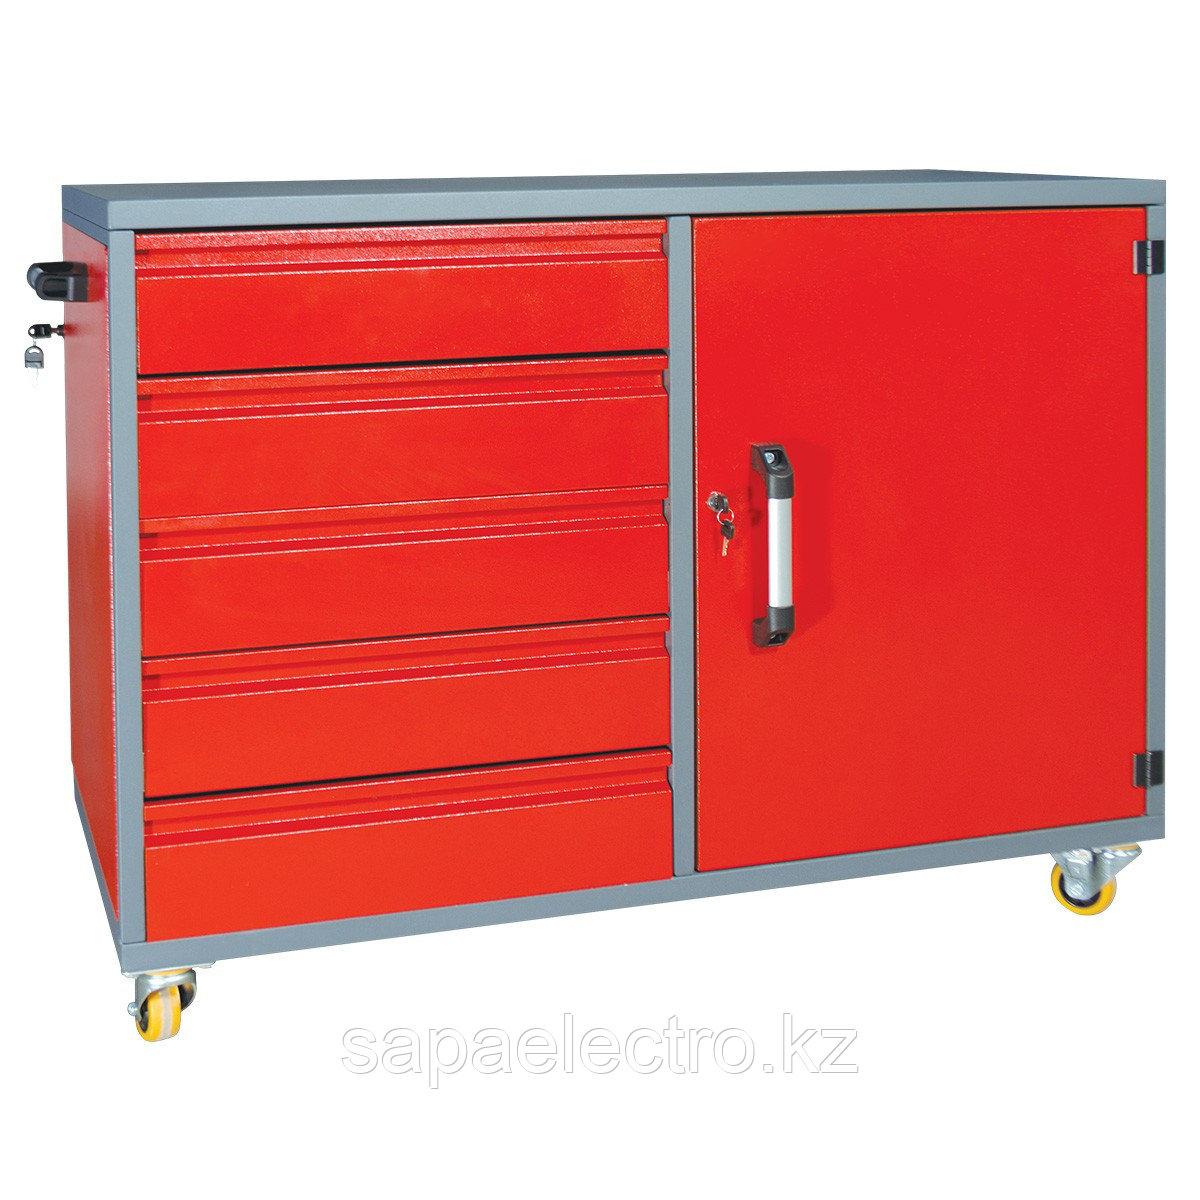 Металл.Шкаф для инструментов (5 полок)1200x600x810